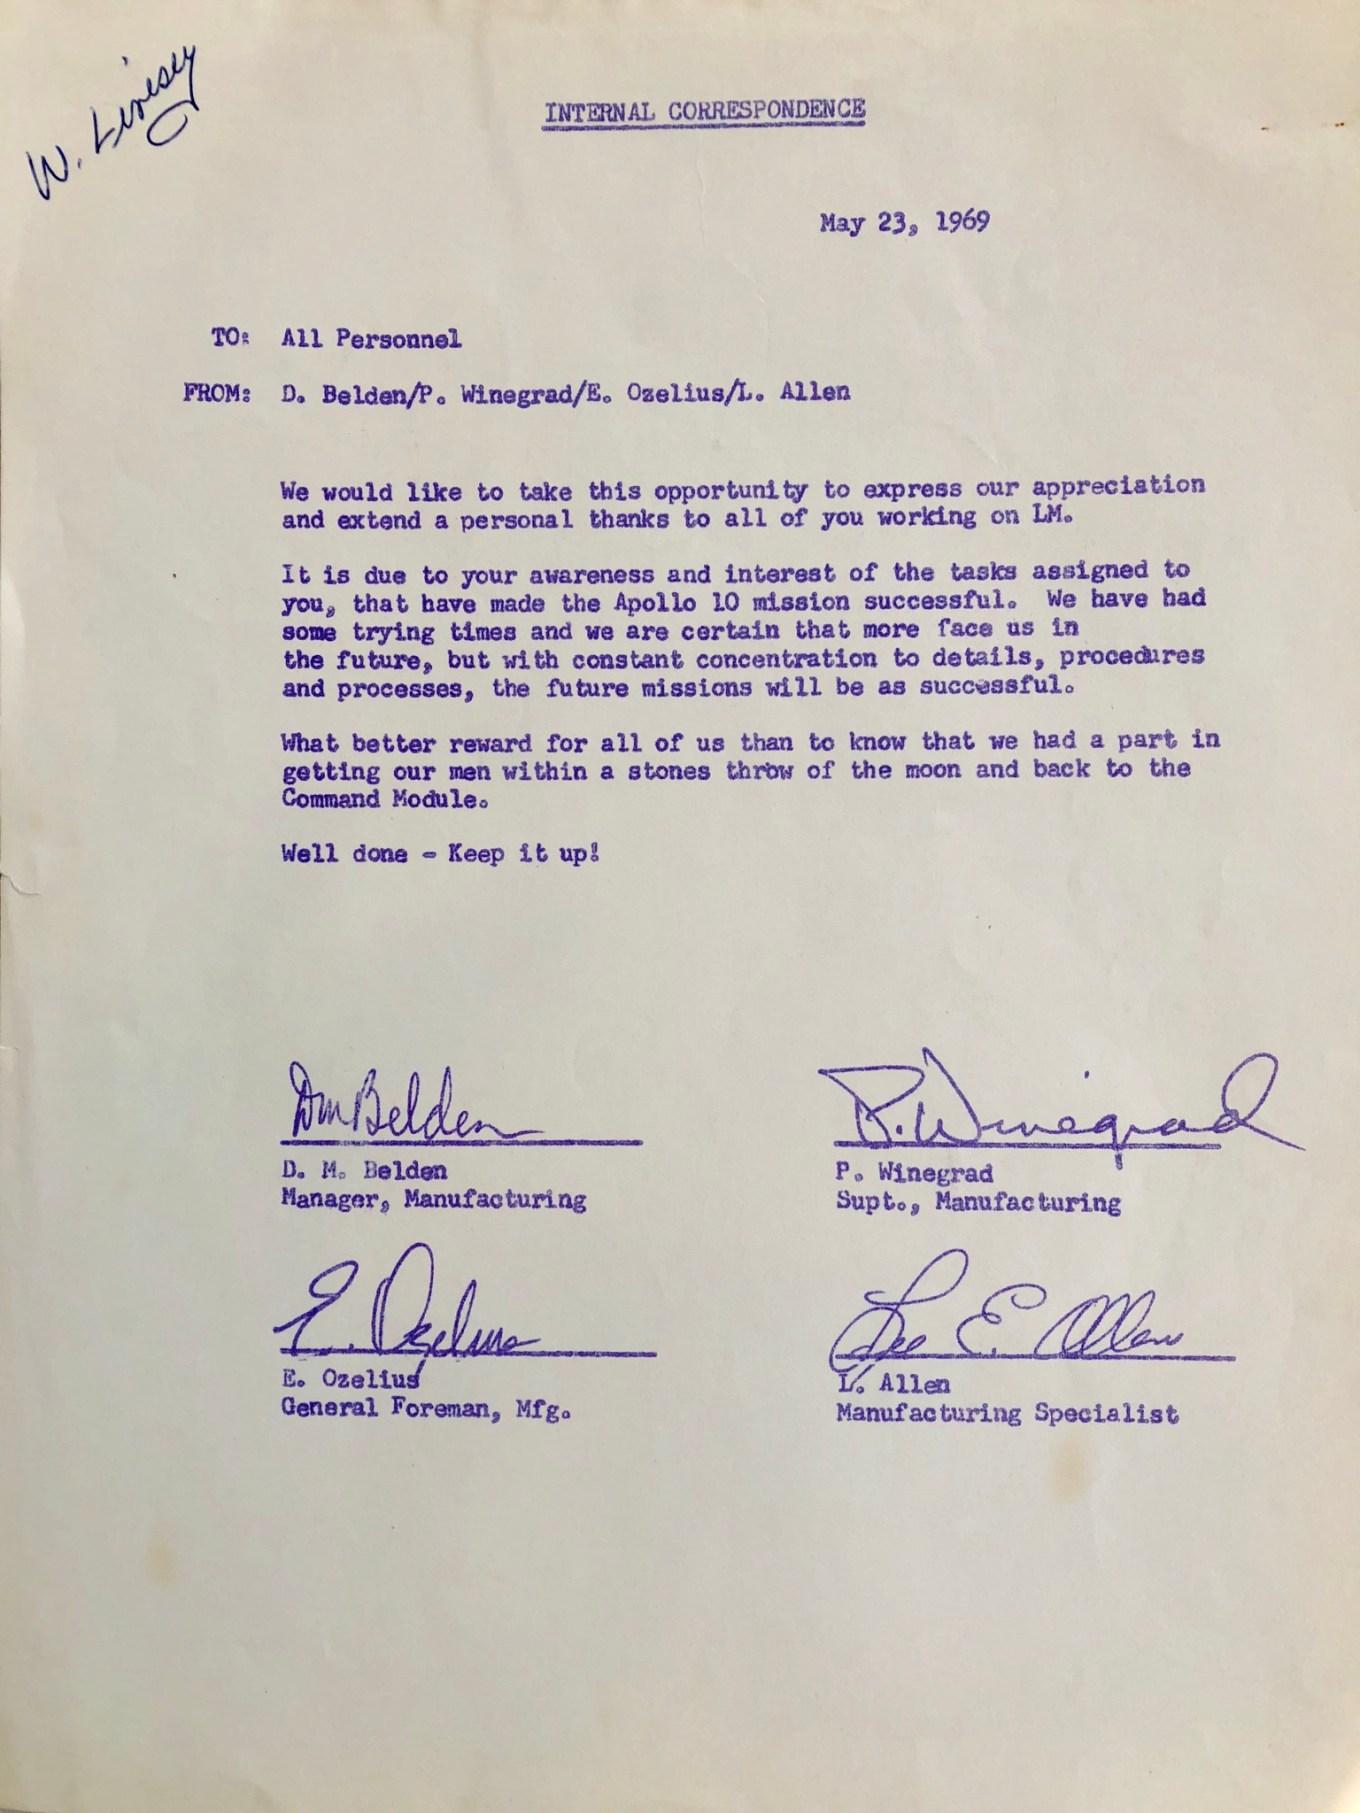 May 23, 1969 internal note